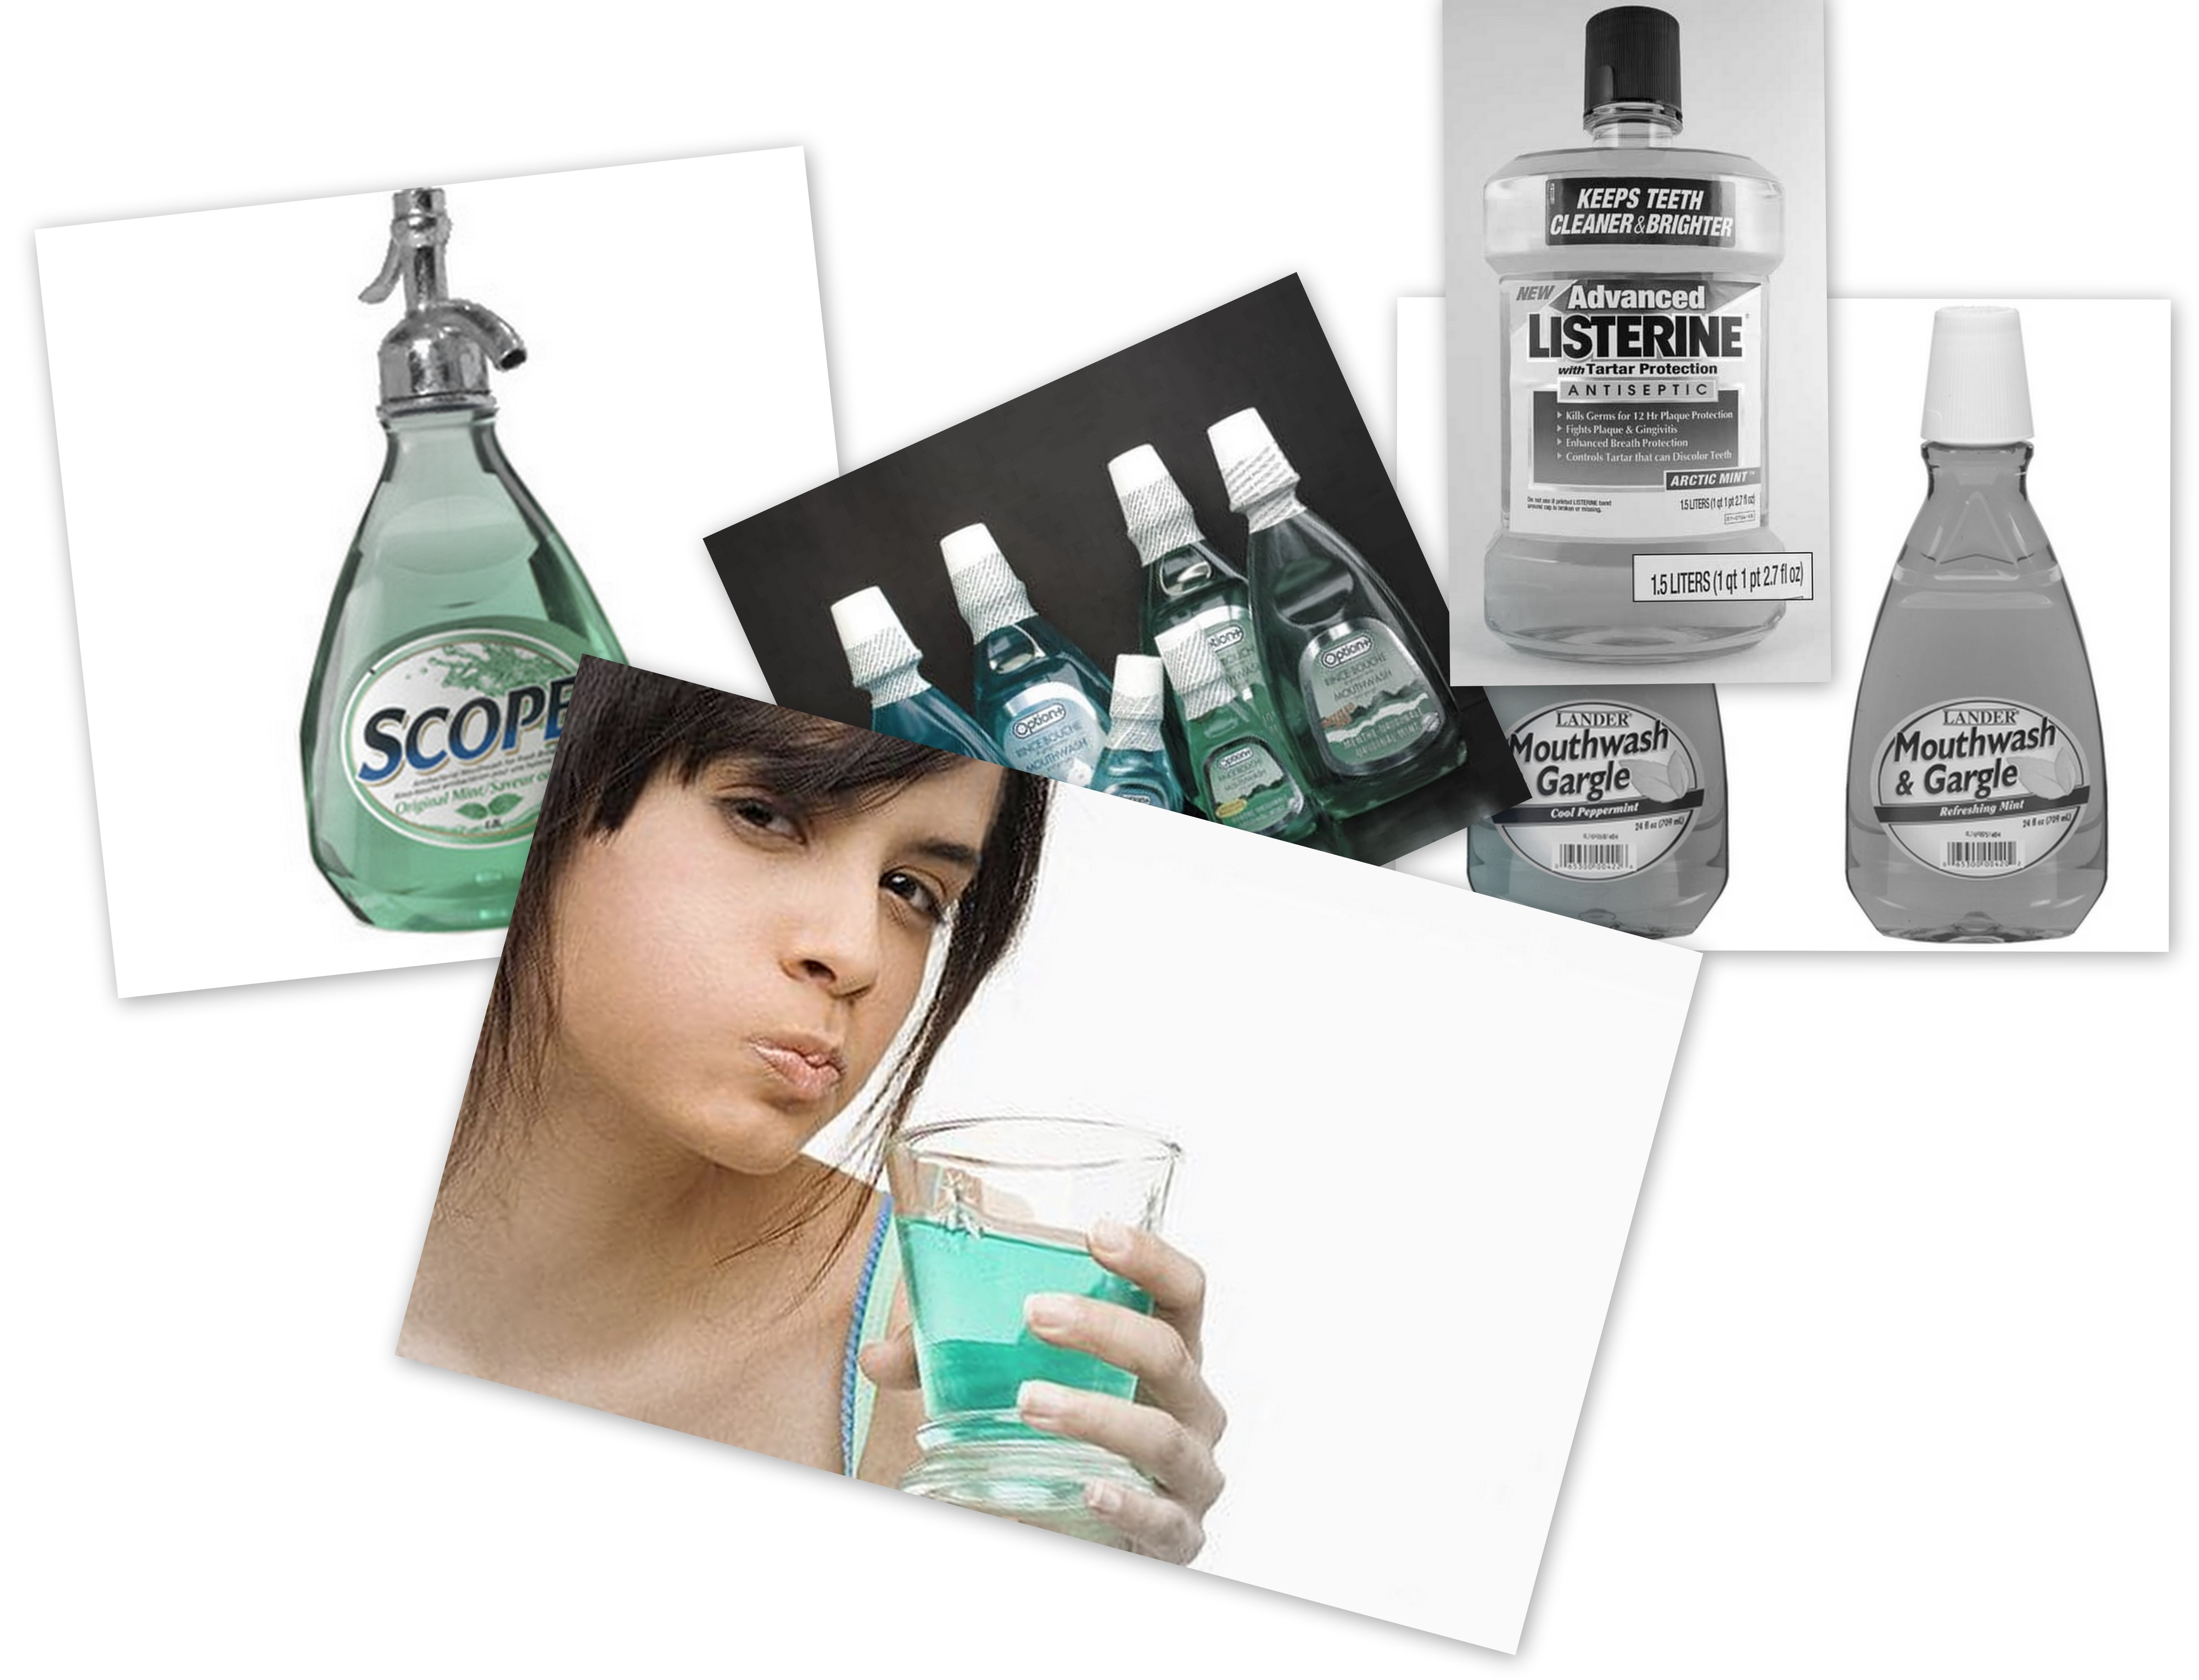 mouthwash-dangers-listerine-alcohol-liquor-cancer